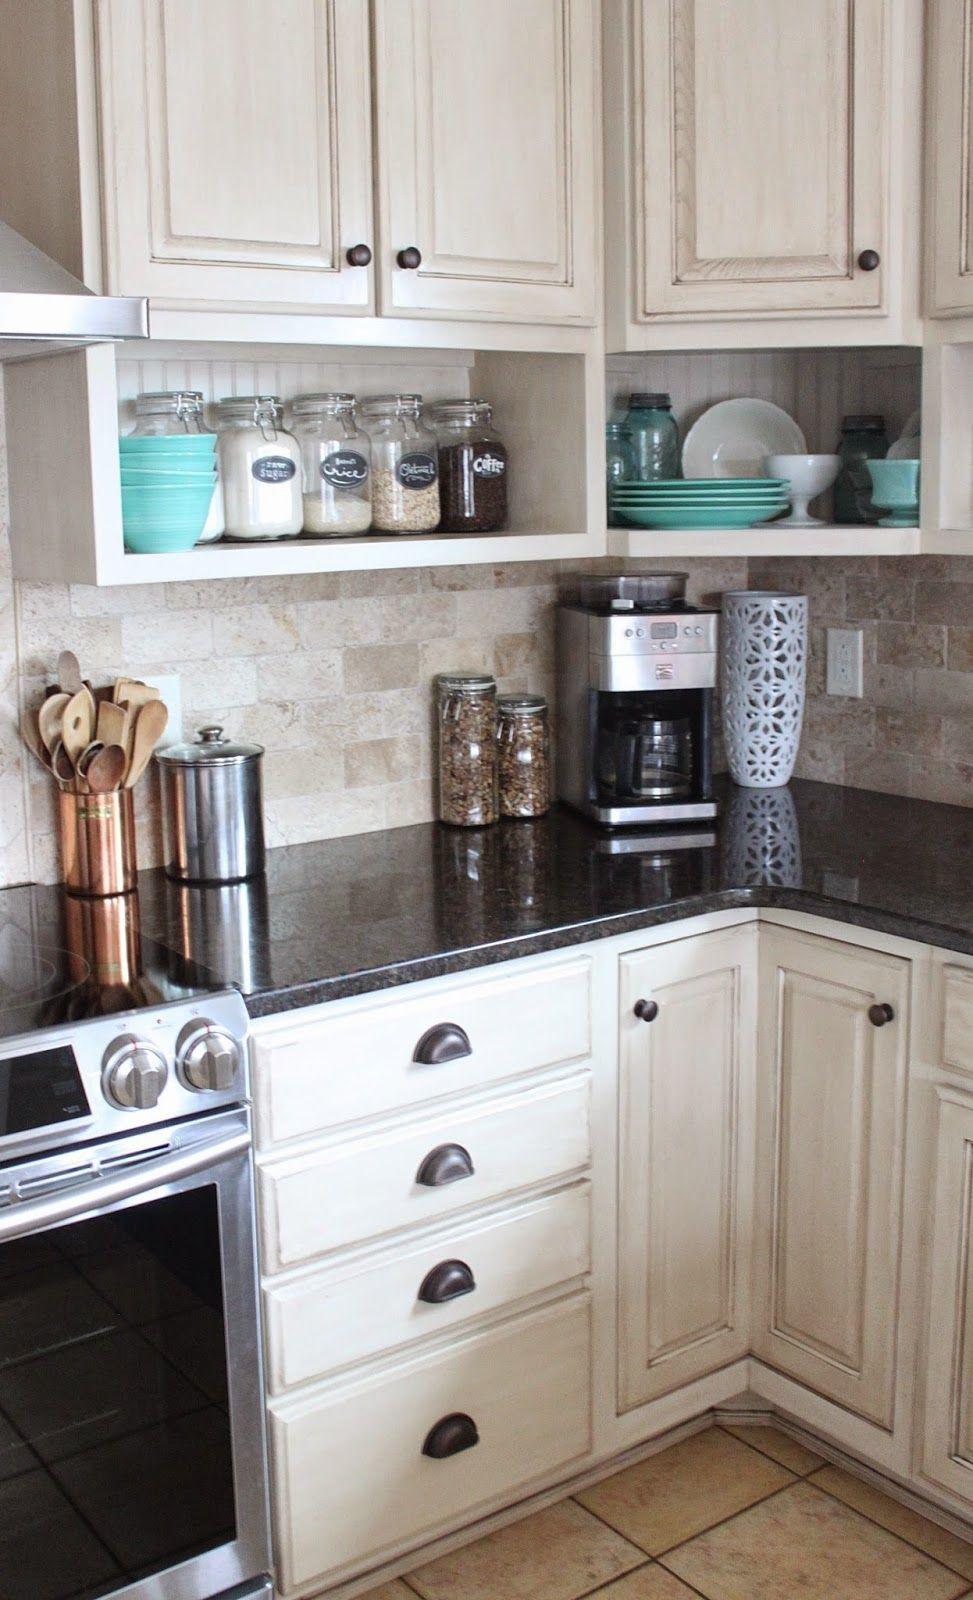 A saber Original: Pintadas Cocina y remodelar Reveal | decoracion ...